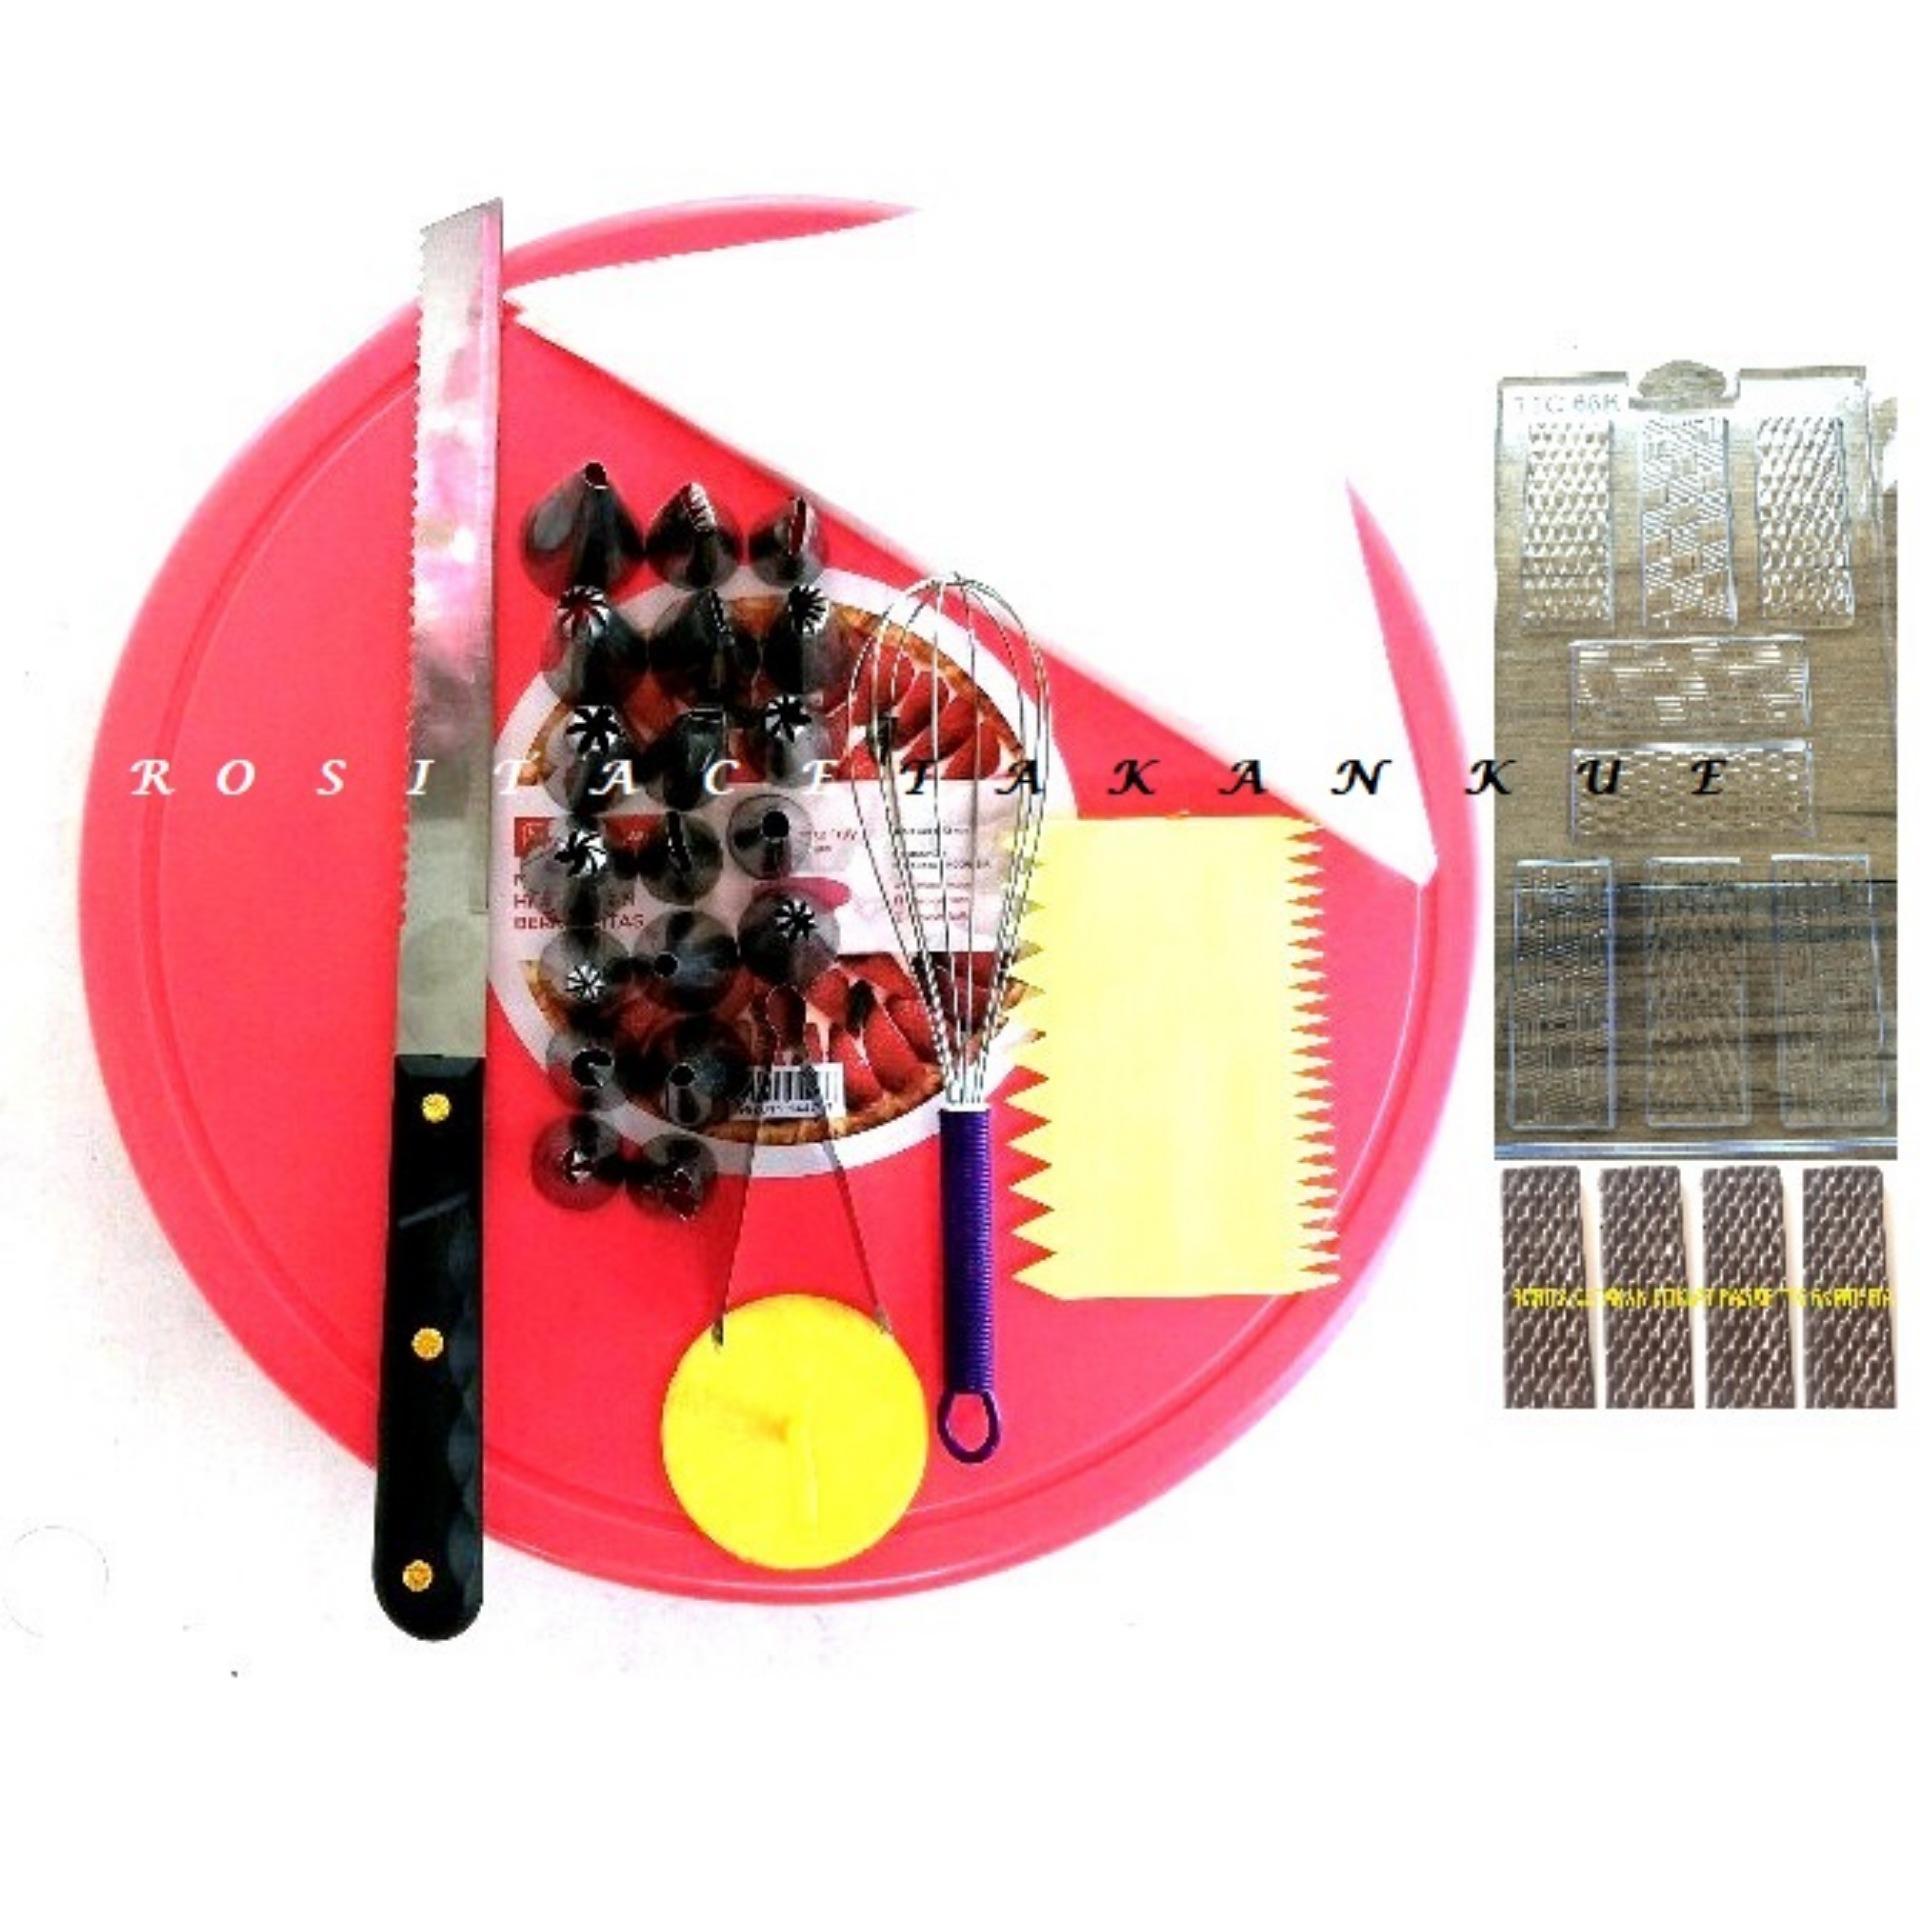 Spesifikasi Rosita Set Alat Hias Kue Meja Putar Spuit Set Whisker Scraper Cetakan Coklat Spatula Piping Bag Paku Payung Beserta Harganya